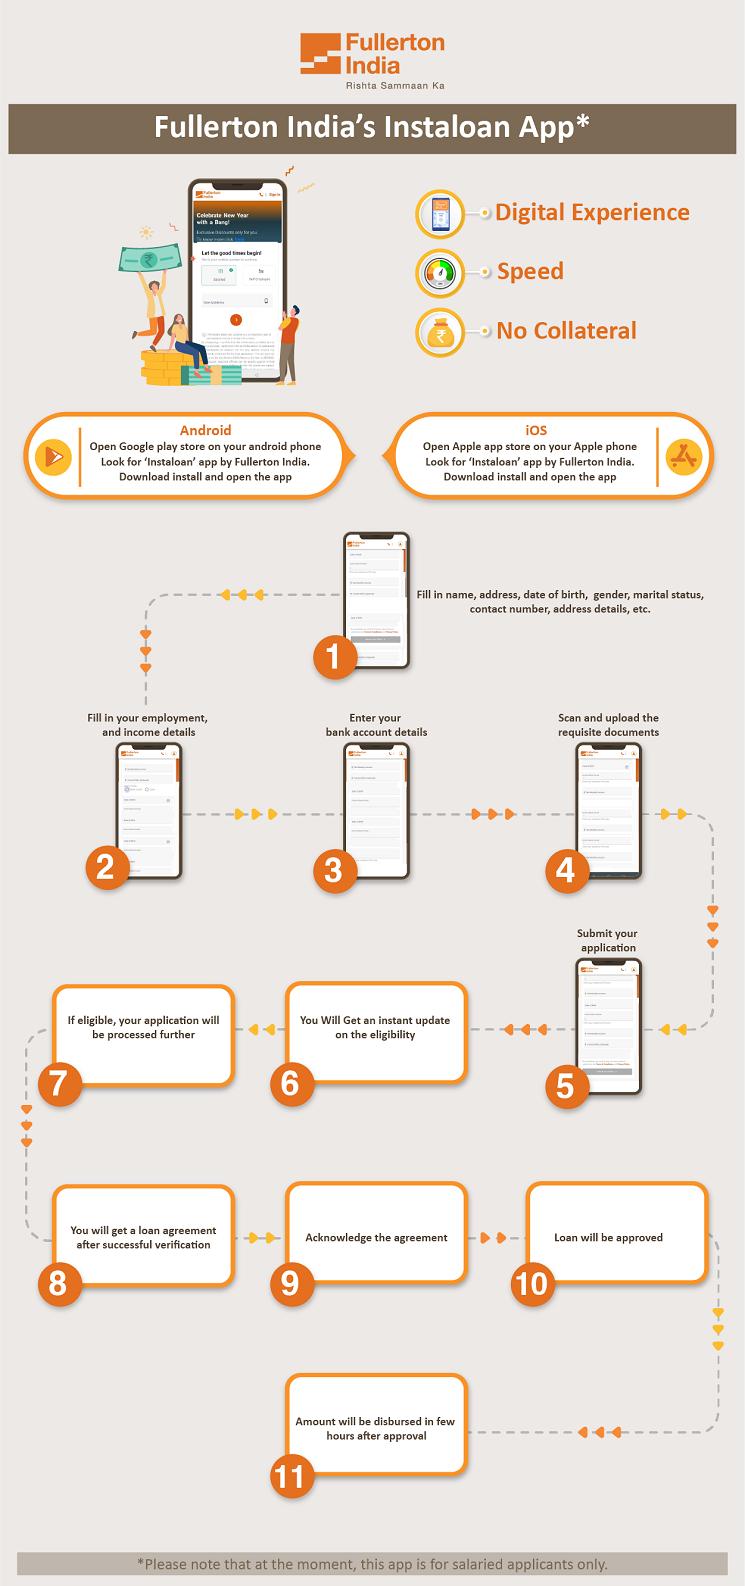 Personal Loan App - InstaLoan (InfoGraphic)